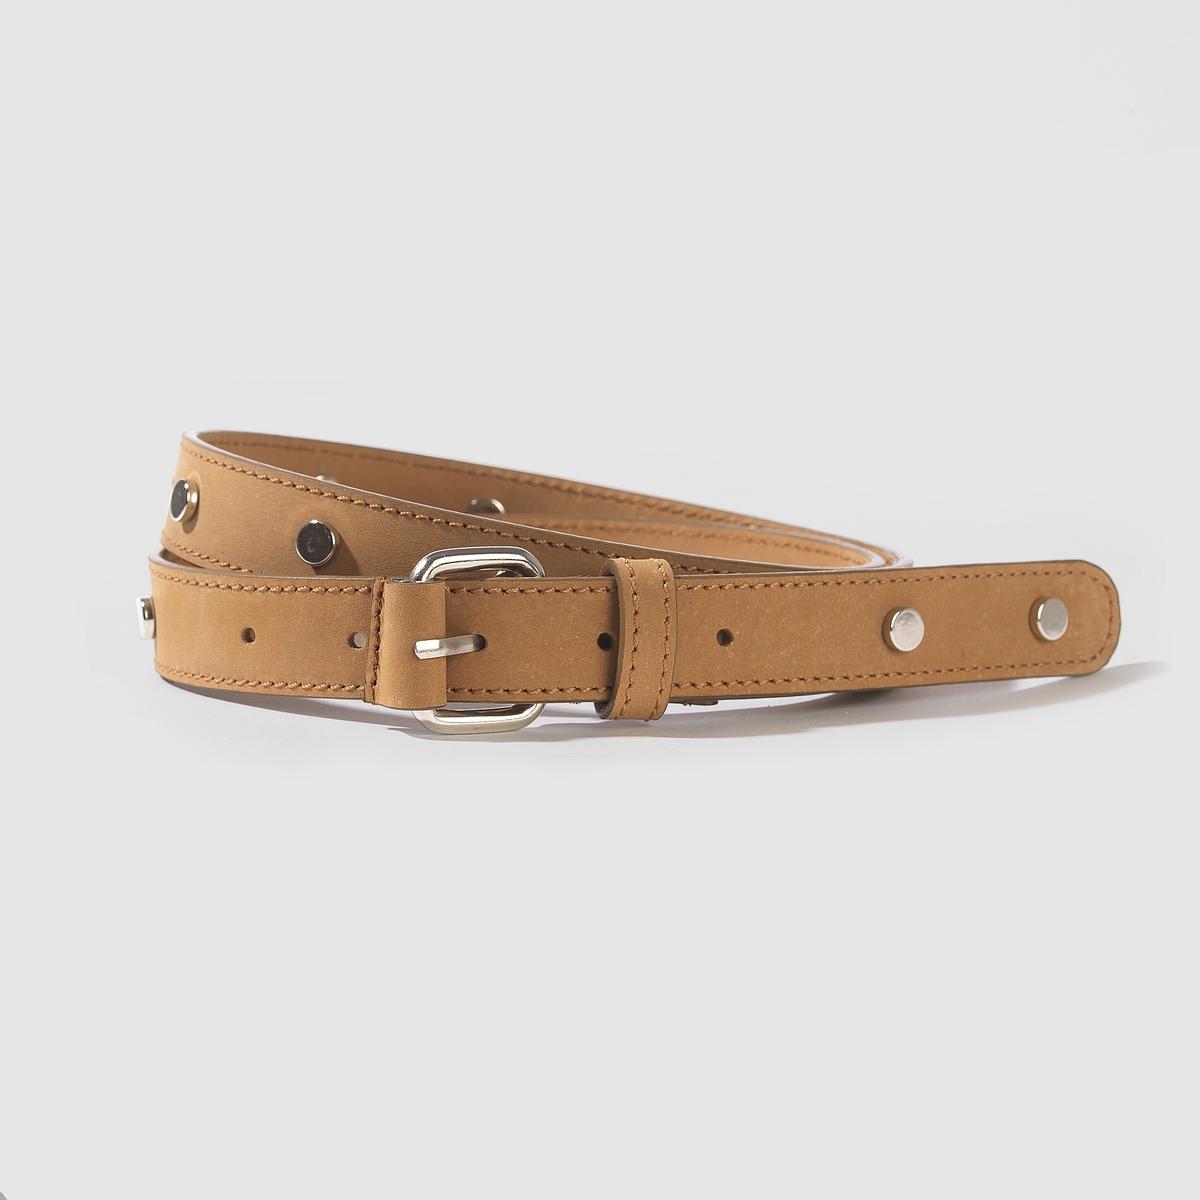 Ремень кожаныйКожаный ременьМарка: Carven X La Redoute.Материал: буйволовая кожа.Застежка: на металлическую пряжку.Ширина: .8,5 смРазмер: 75 см, 85 см, 95 см.<br><br>Цвет: бежевый,белый,черный<br>Размер: 95 см